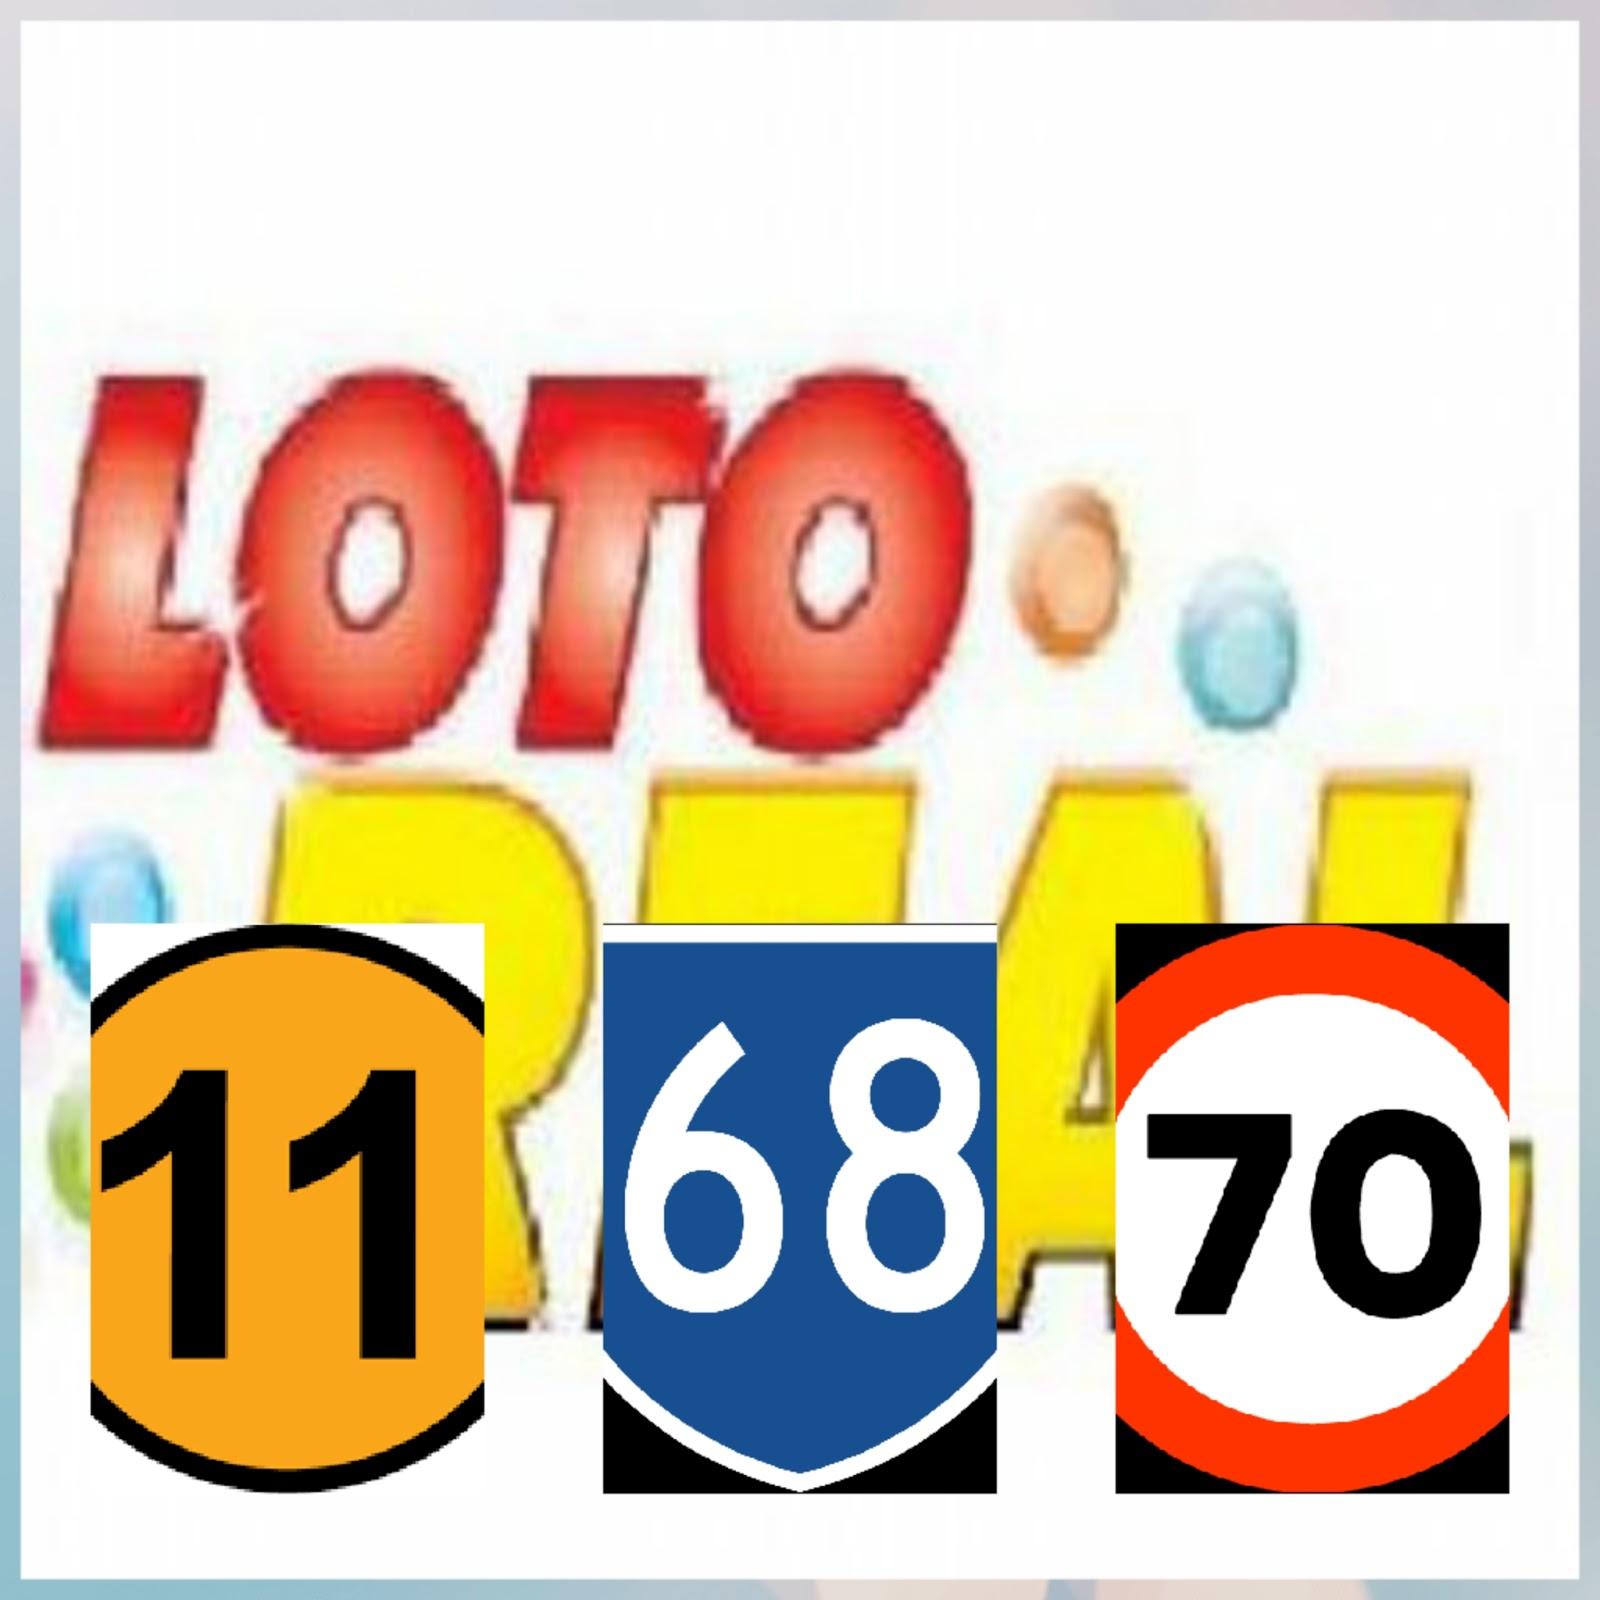 Números de la lotería Real del 21 de noviembre de 2016 6fd42c7a0c5